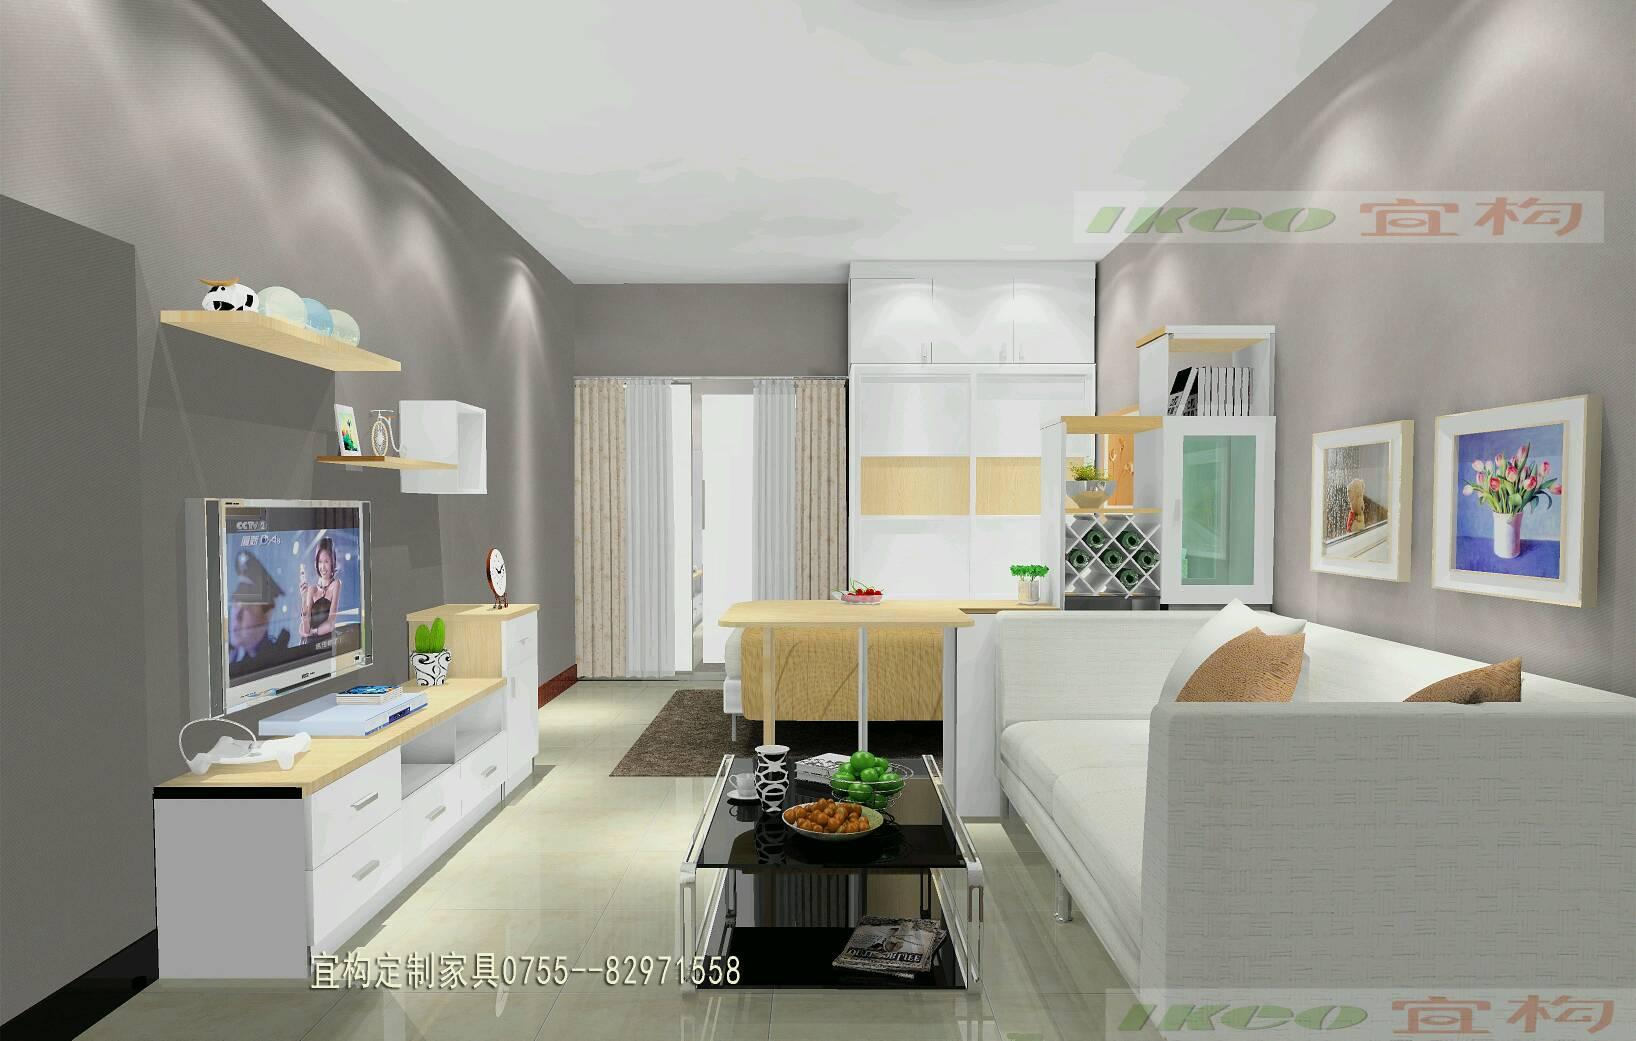 白石龙龙泽苑单身公寓设计方案 - 家在深圳 - 房网(房